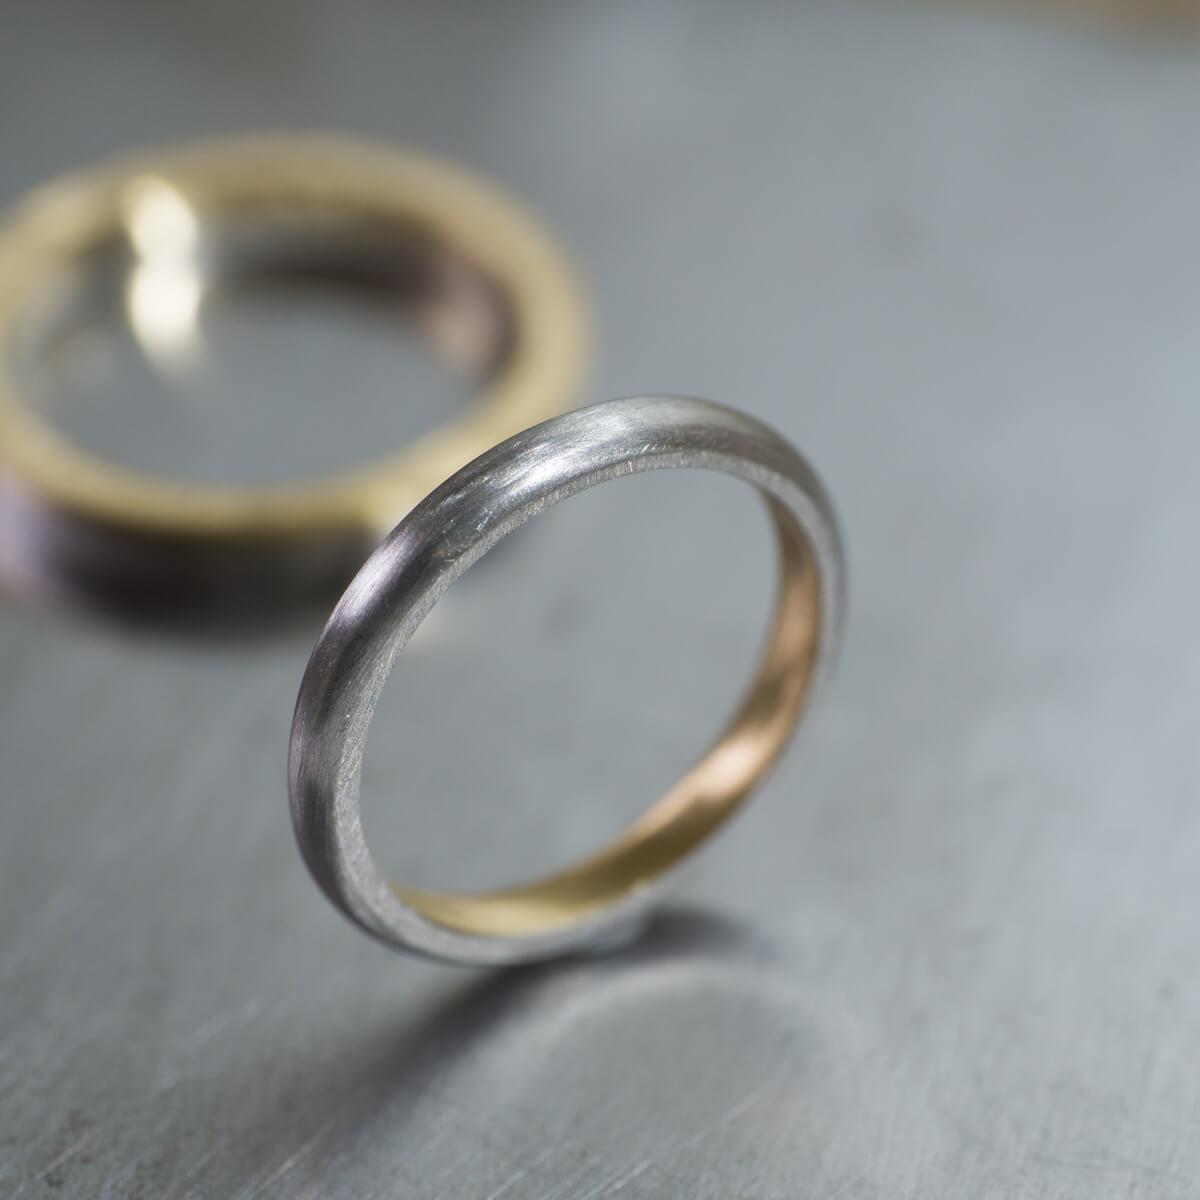 オーダーメイドマリッジリング ジュエリーのアトリエ ゴールド、プラチナ 屋久島の水平線モチーフ 屋久島でつくる結婚指輪 角度2